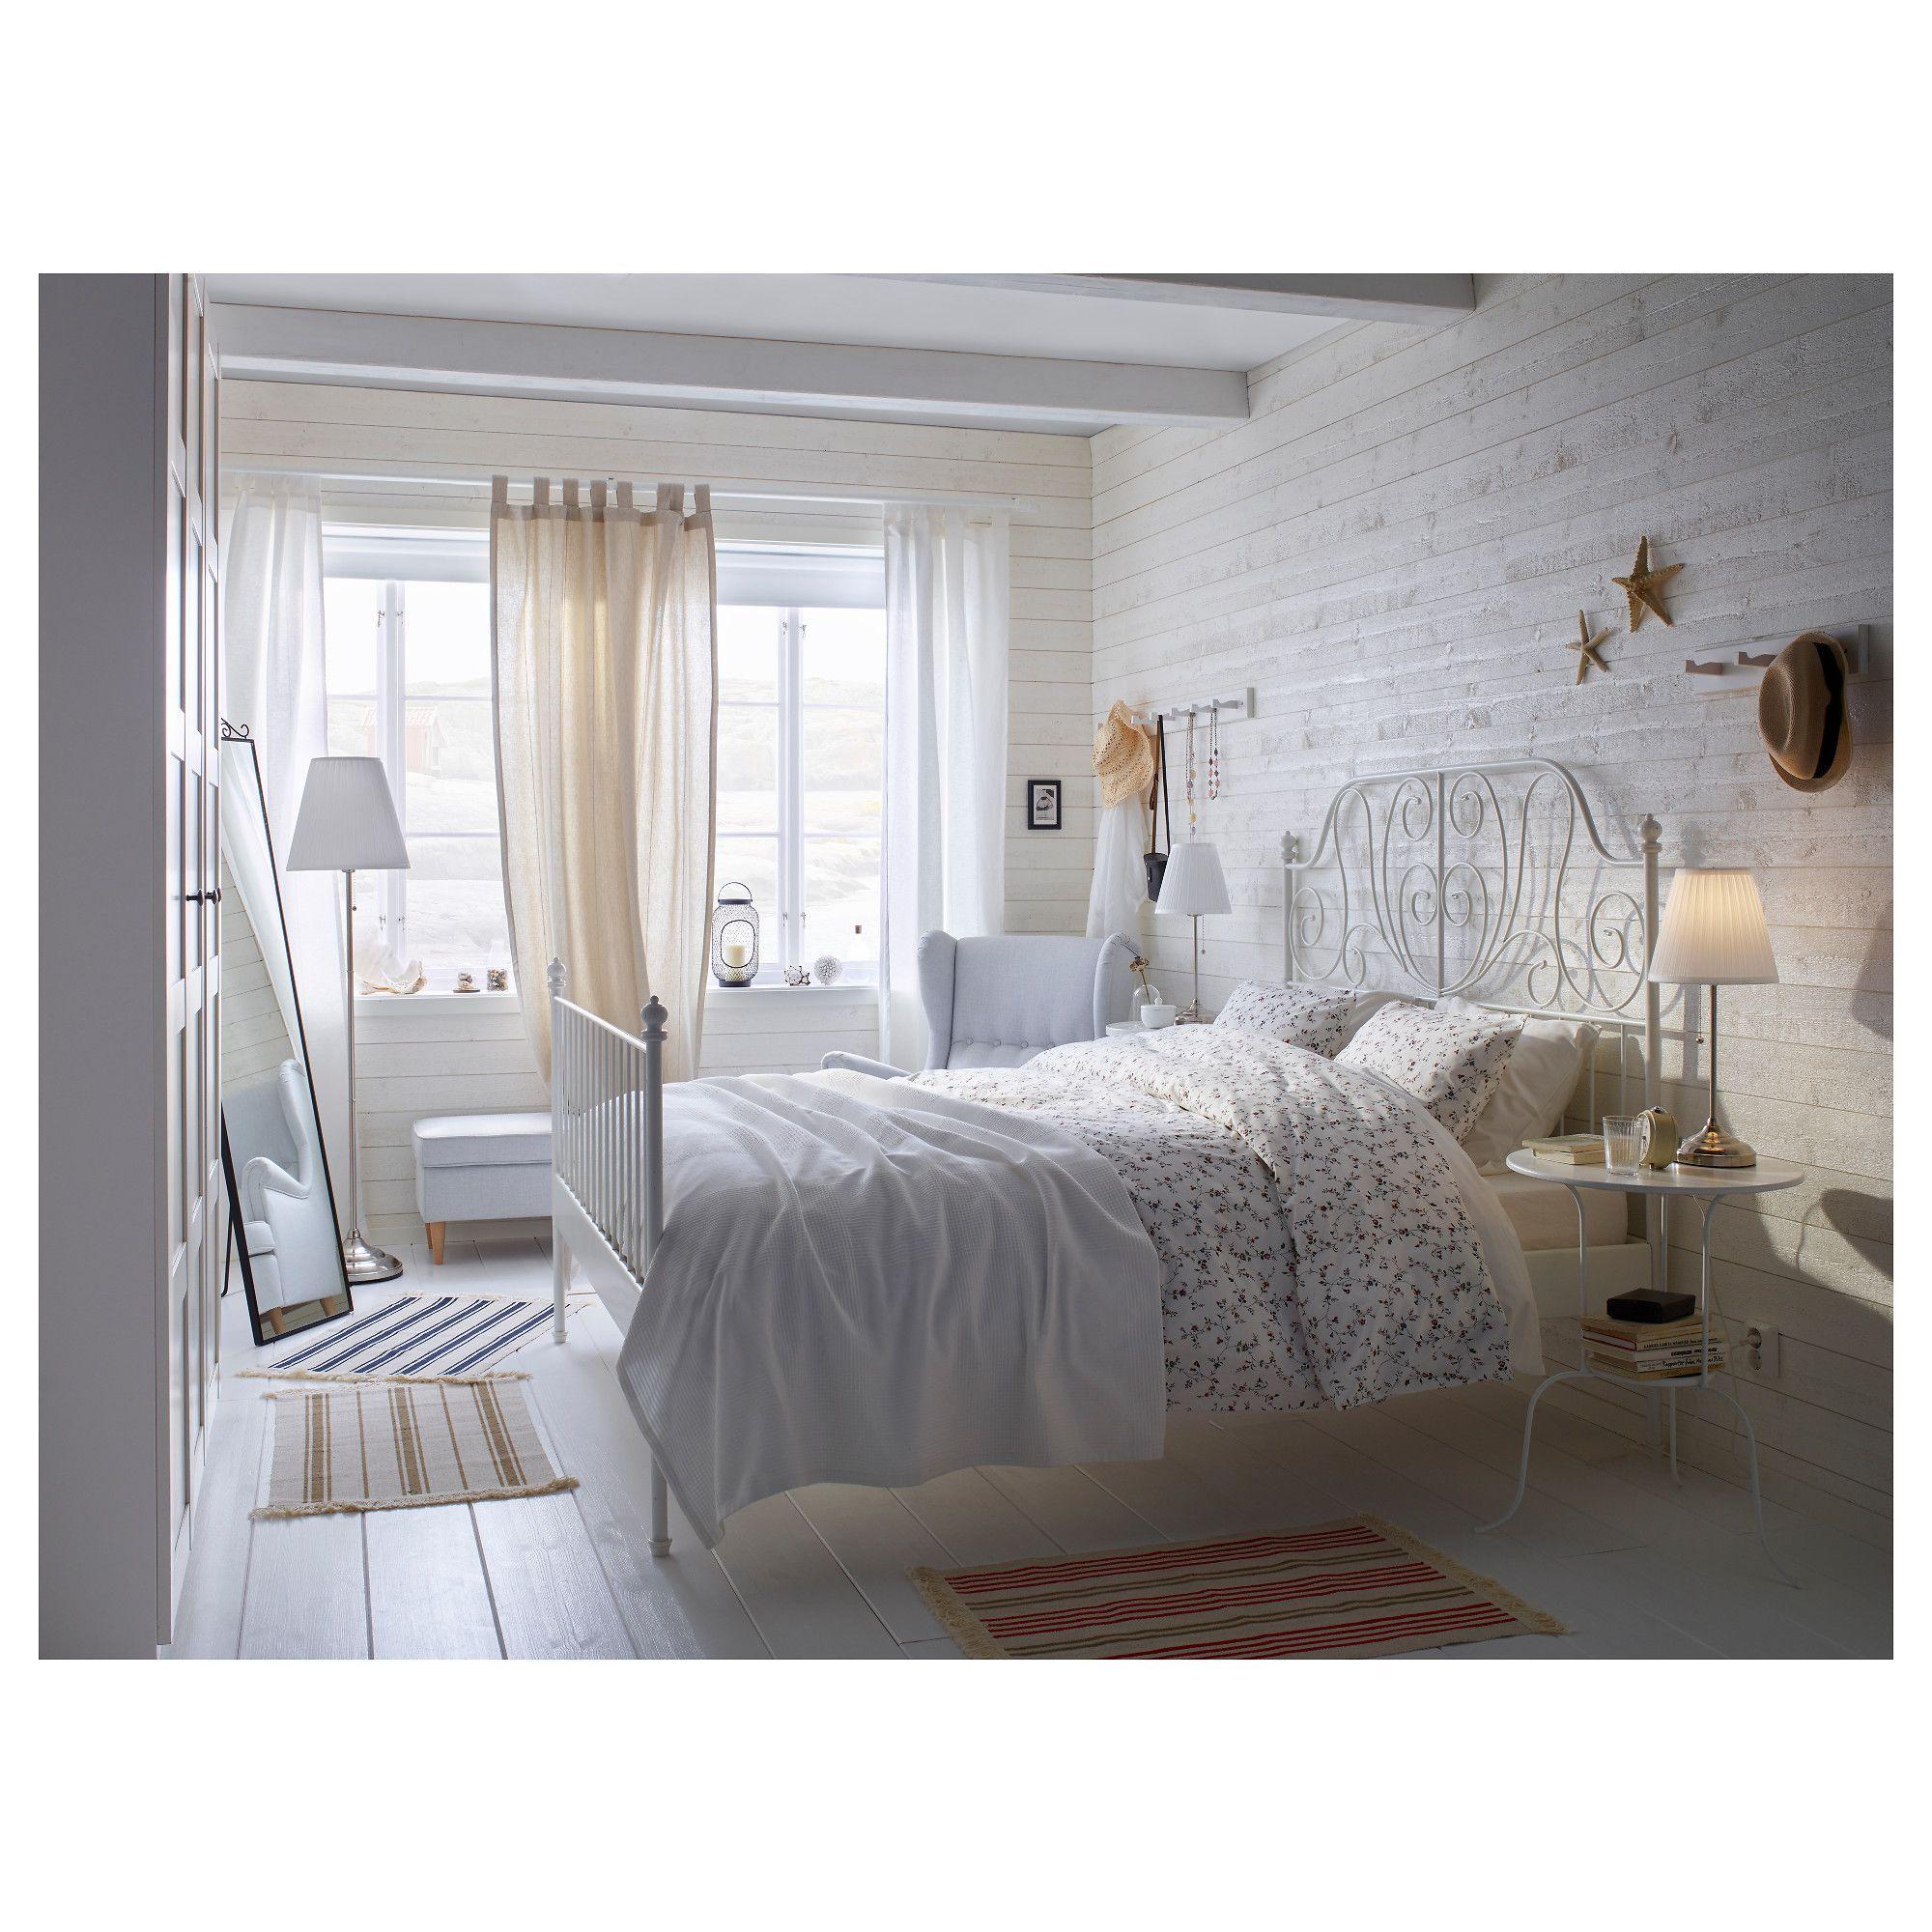 Ikea Master Bedroom: IKEA - LEIRVIK Bed Frame White, Eidfjord